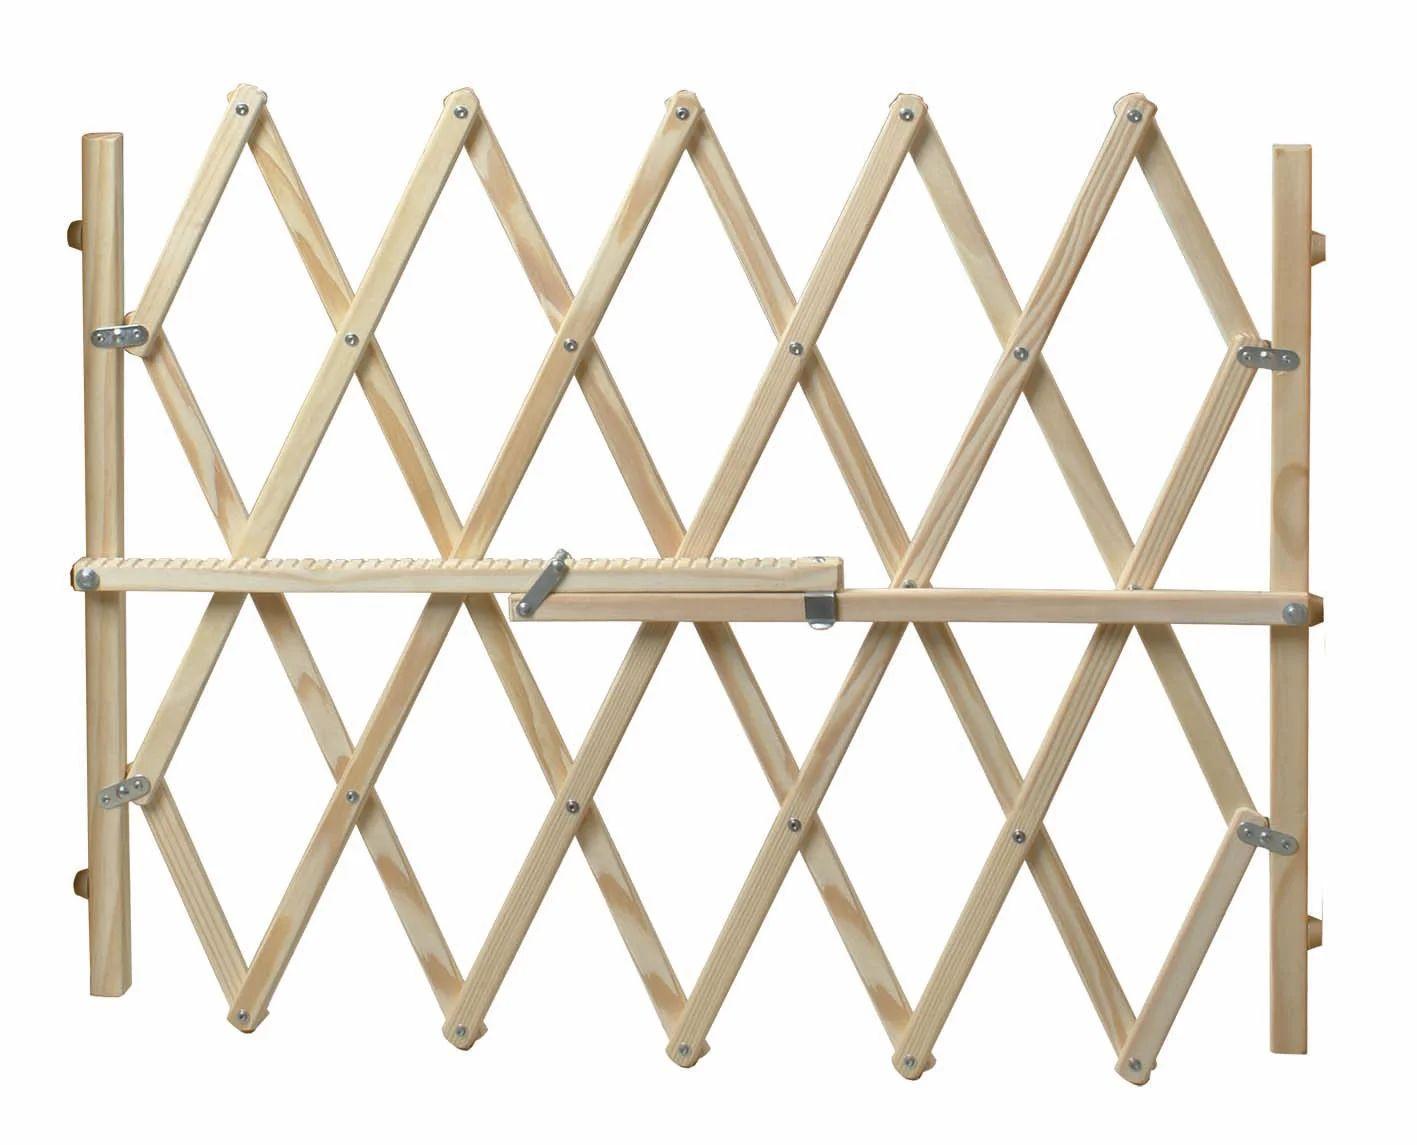 barriere extensible animaux bois l 65 107 cm h 83 cm